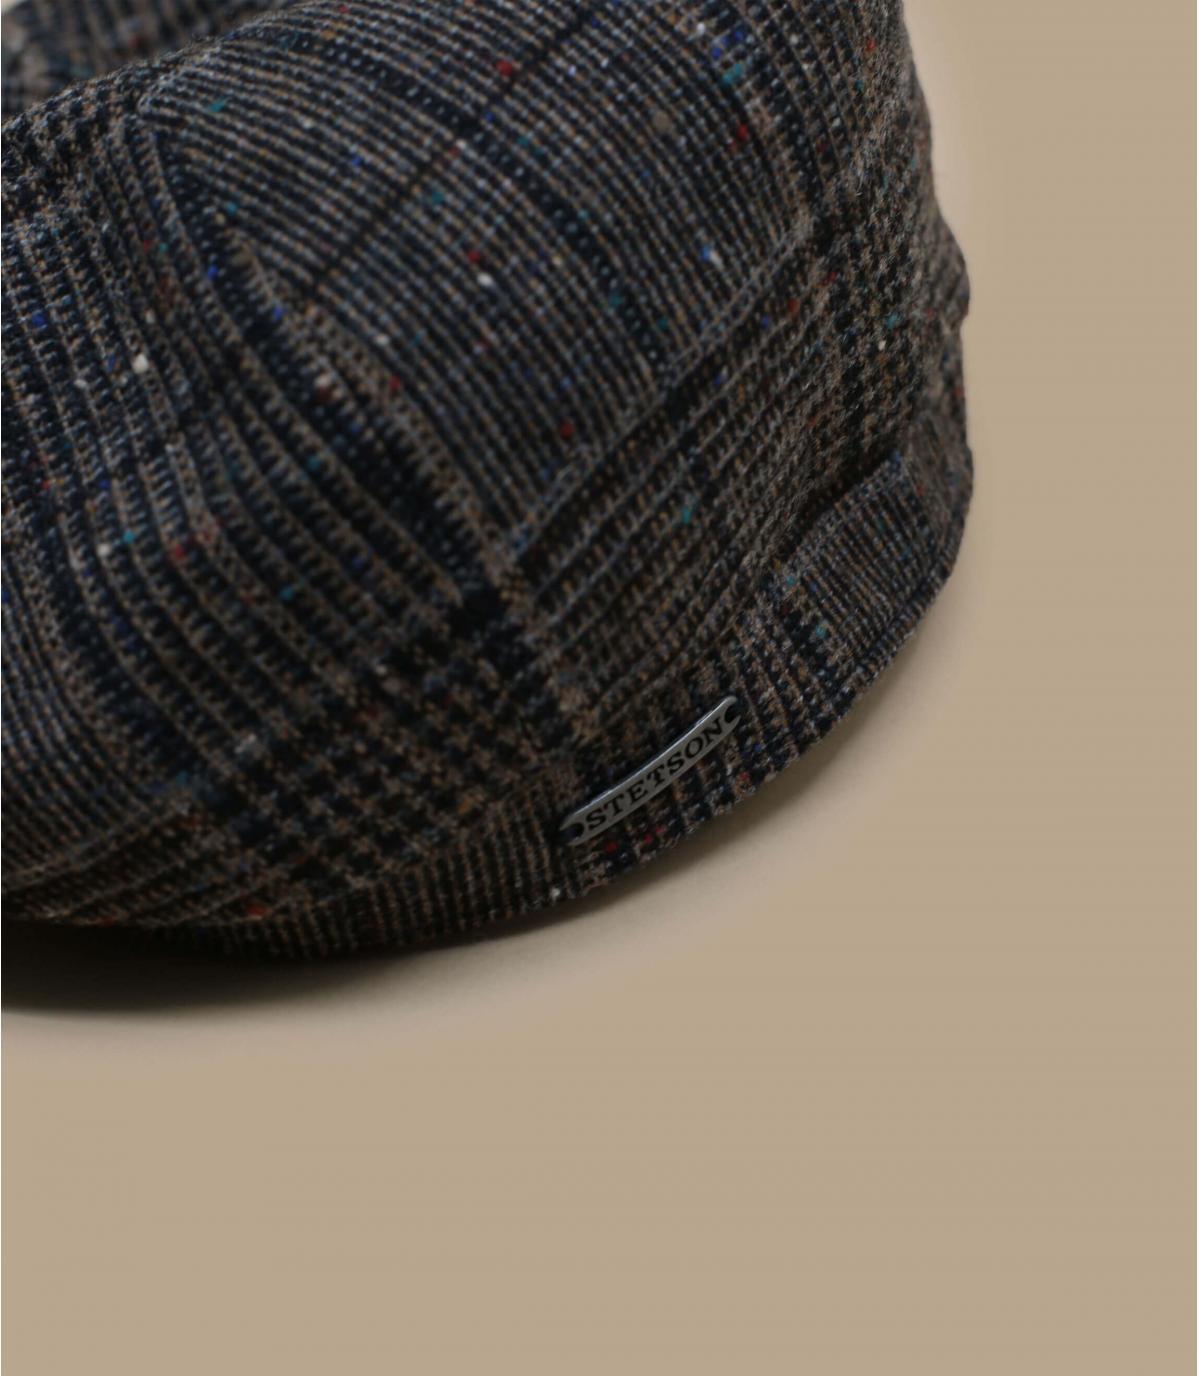 Details Hatteras Wool brown check - afbeeling 2